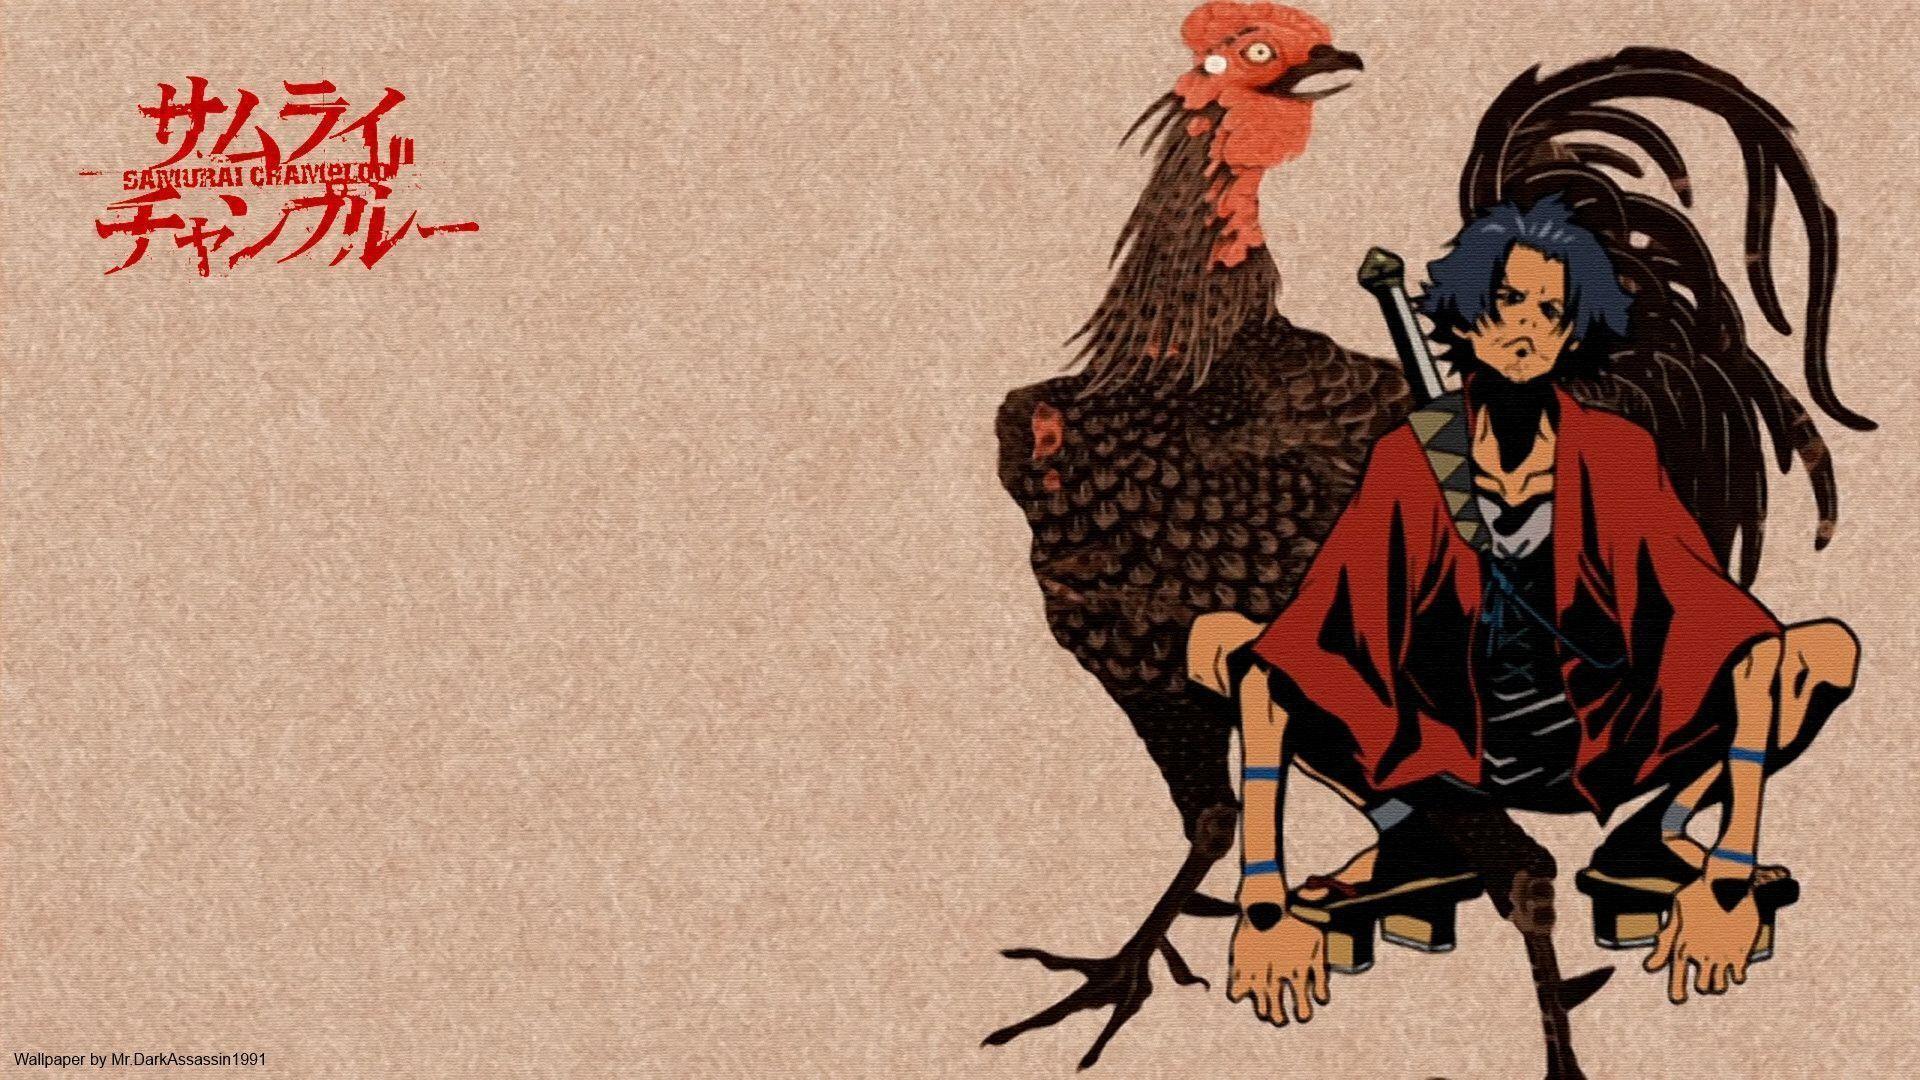 Samurai Champloo Mugen Wallpaper 55 Pictures